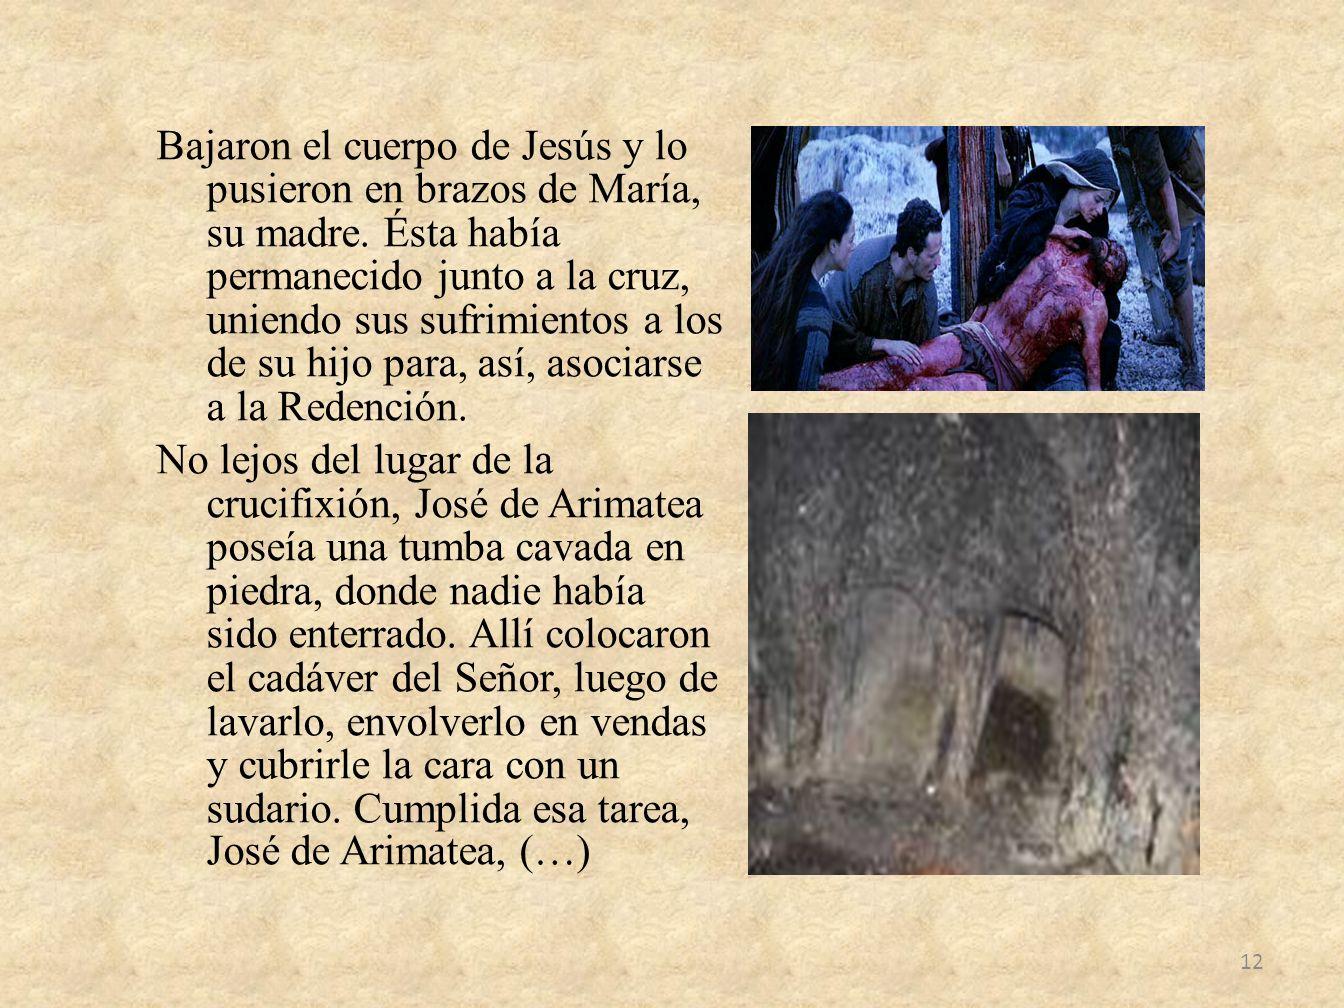 Bajaron el cuerpo de Jesús y lo pusieron en brazos de María, su madre. Ésta había permanecido junto a la cruz, uniendo sus sufrimientos a los de su hi